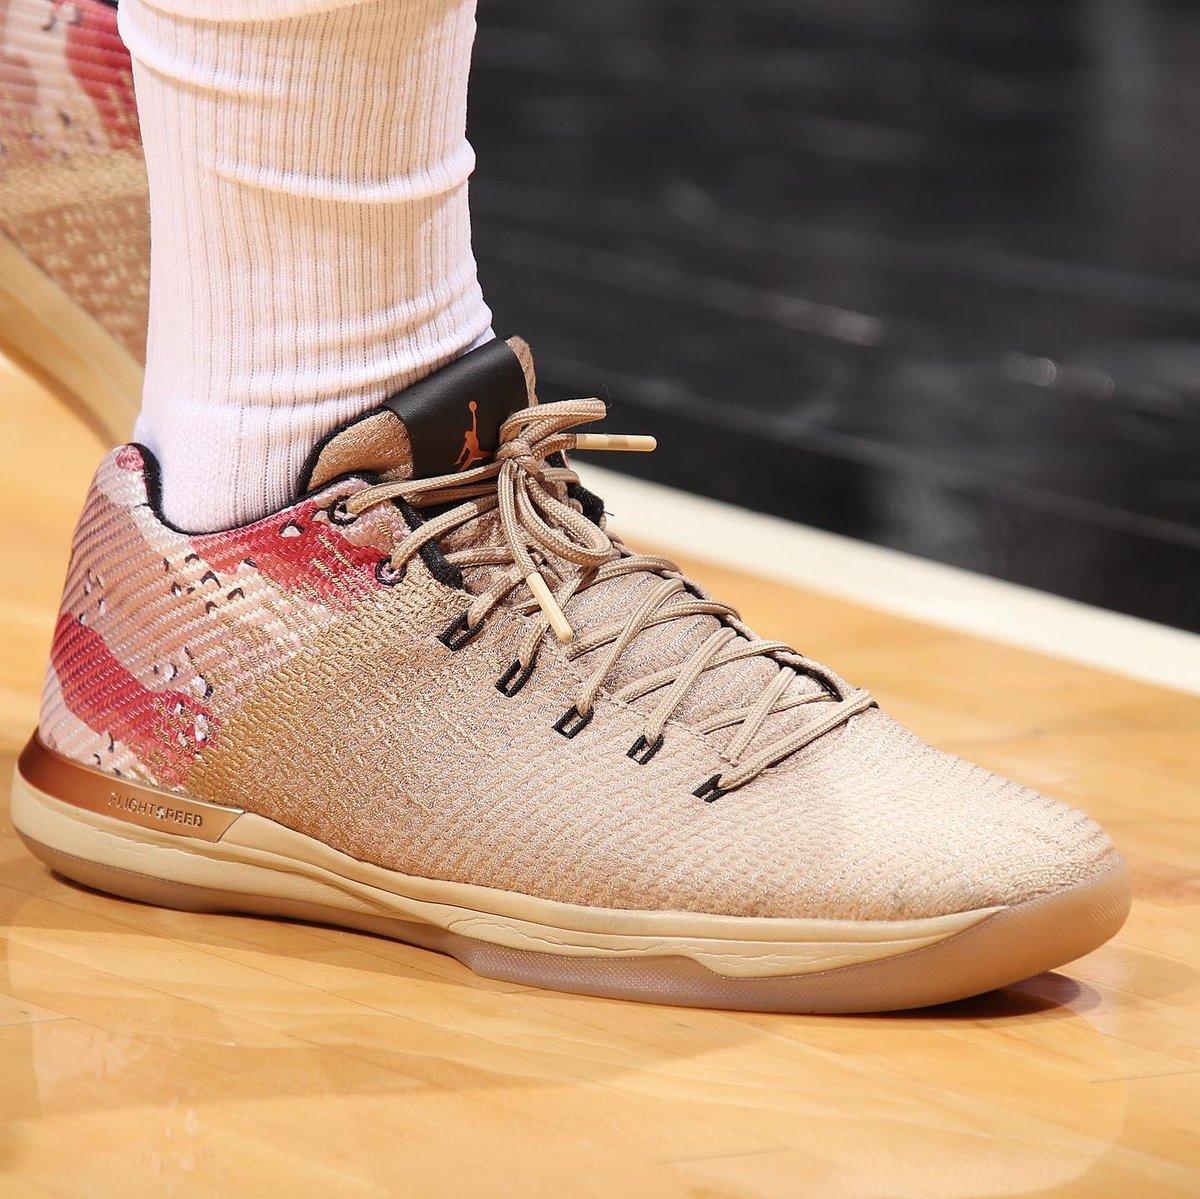 Jimmy Butler's Jordan XXXI low!   #NBAKicks #HoopsForTroops